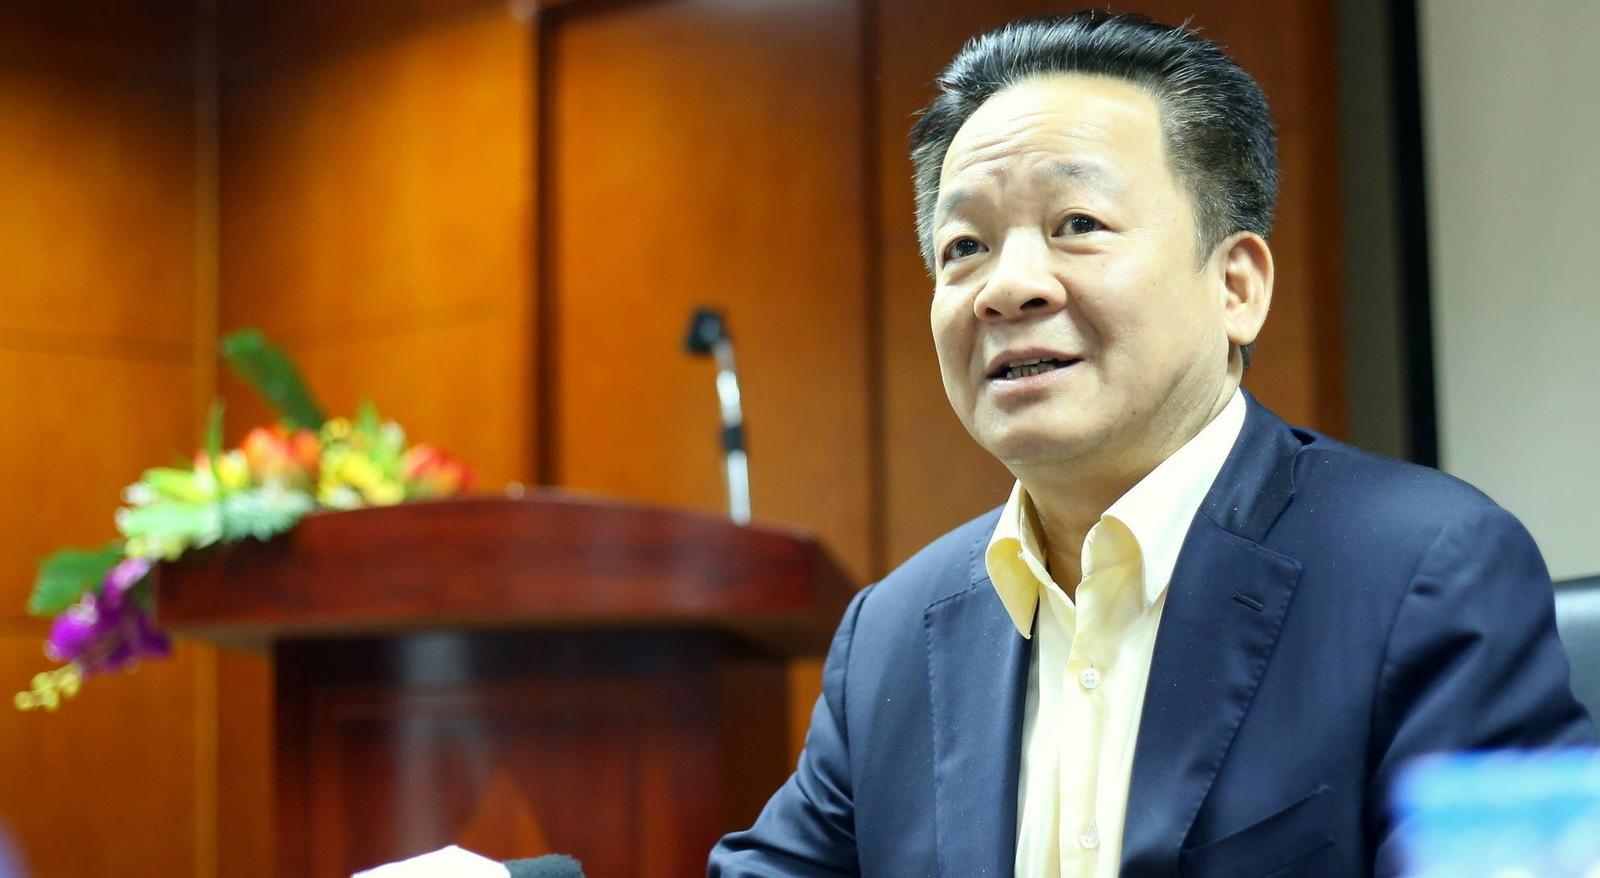 Chủ tịch Đỗ Quang Hiển: Từ kỹ sư điện máy tới ông chủ đế chế ngân hàng, bất động sản,... - Ảnh 1.